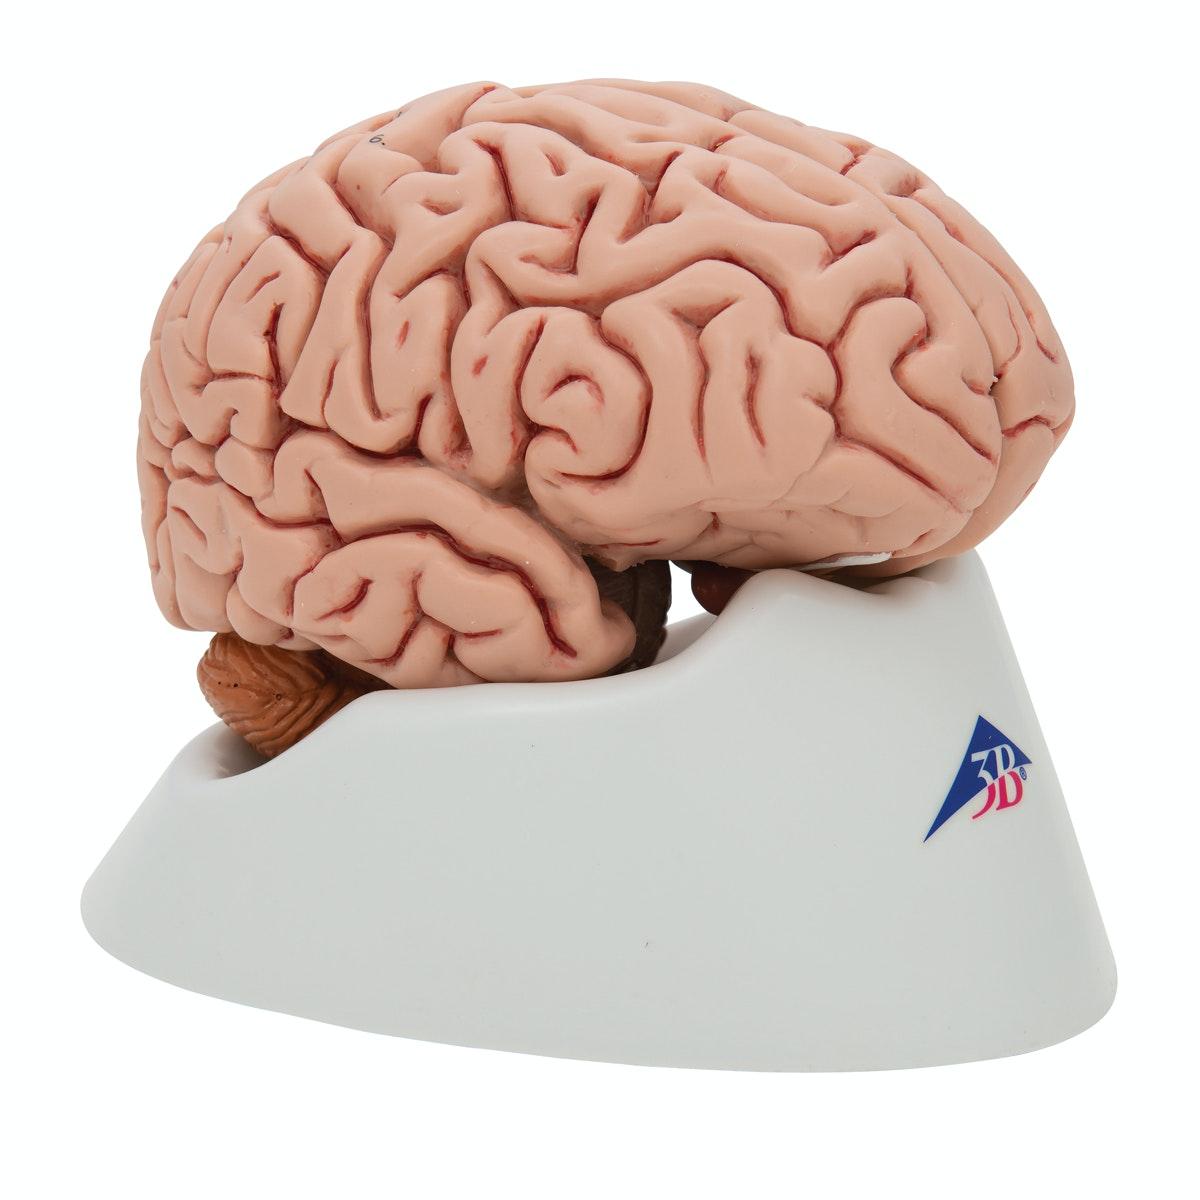 Hjernemodel afstøbt efter præparat i 5 dele